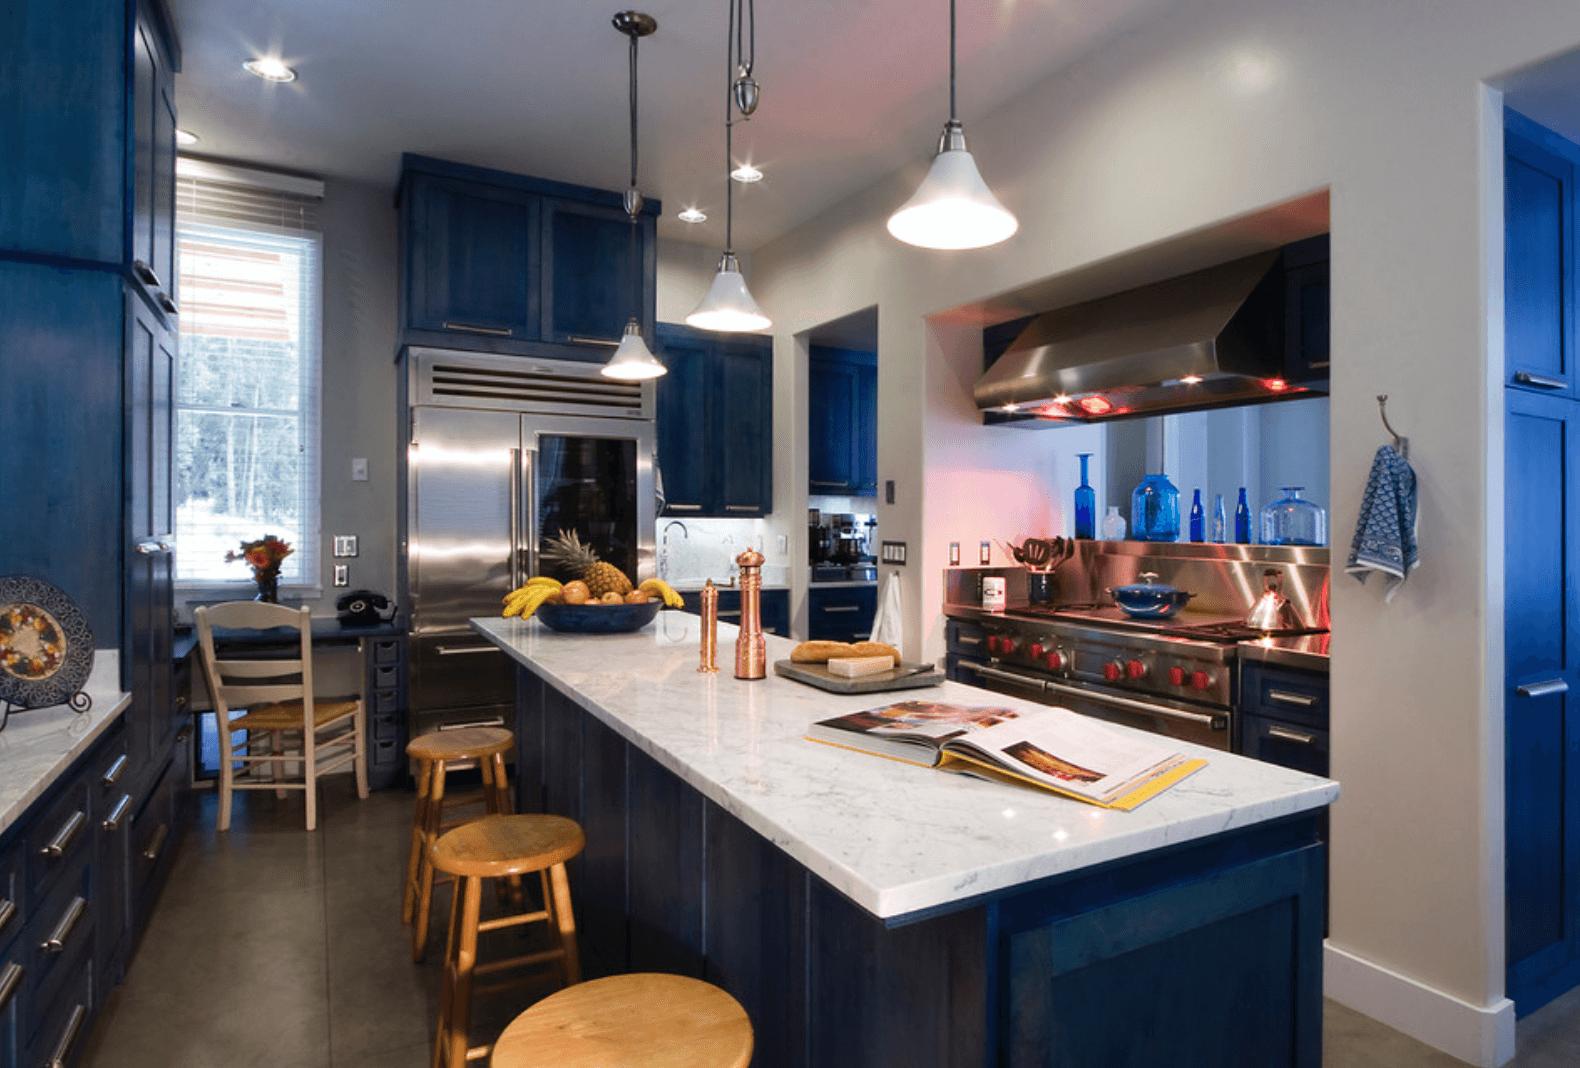 Дизайн кухни в оттенках темно-синего цвета. Фото 2